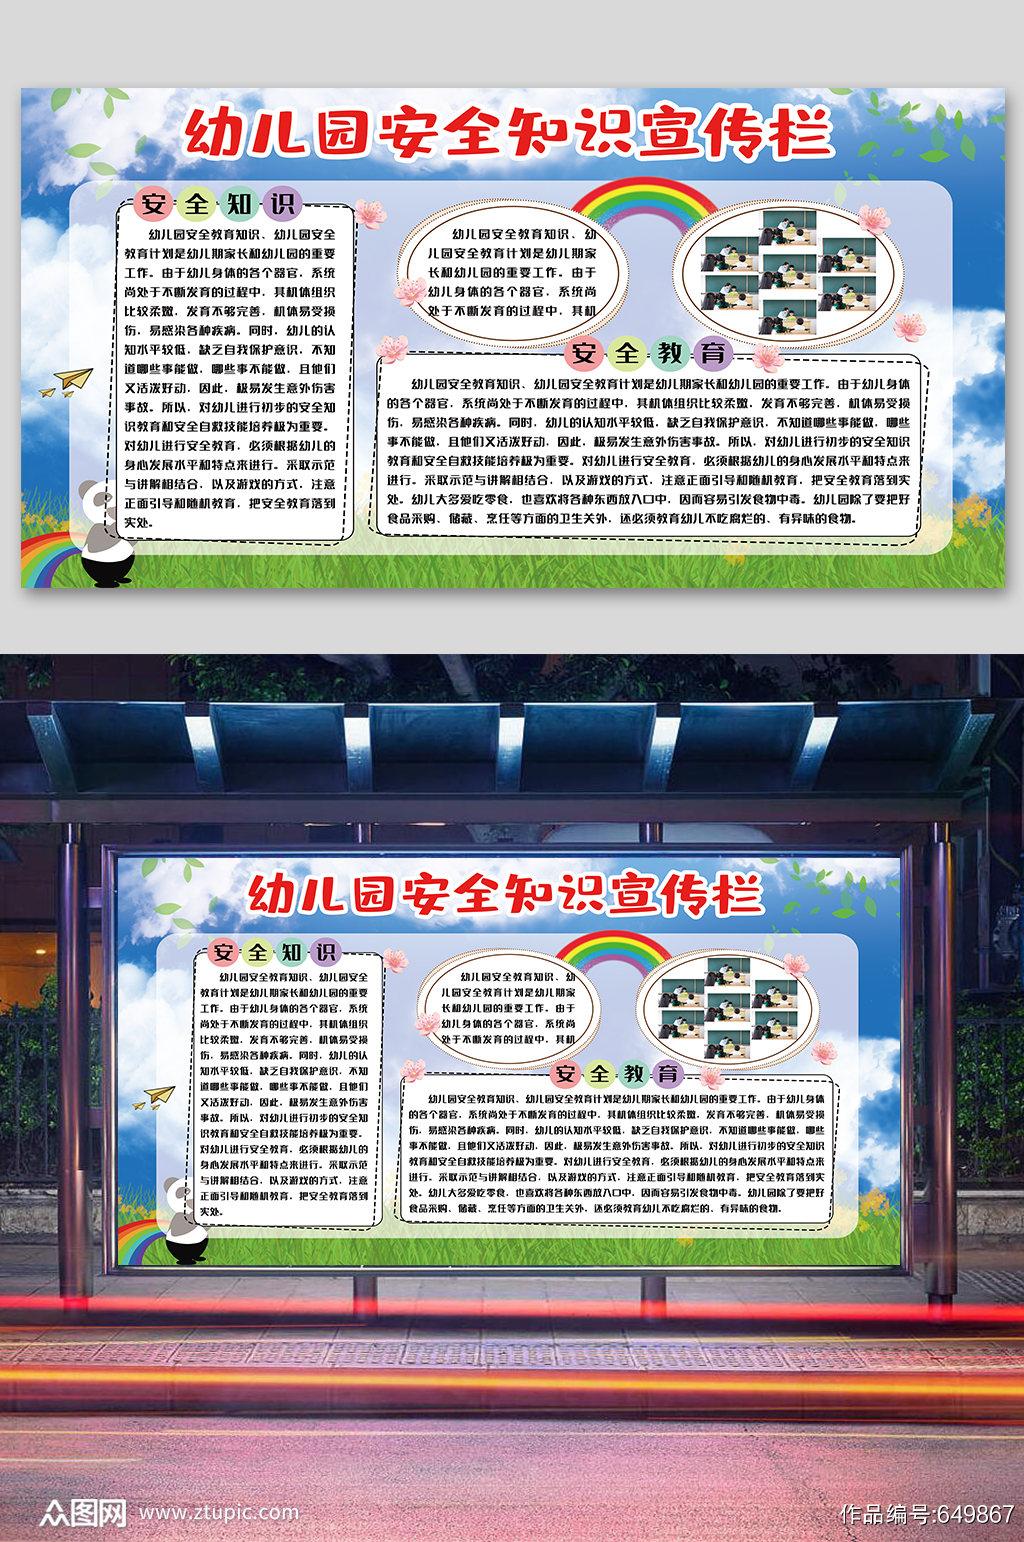 校园幼儿园安全知识宣传栏背景墙素材